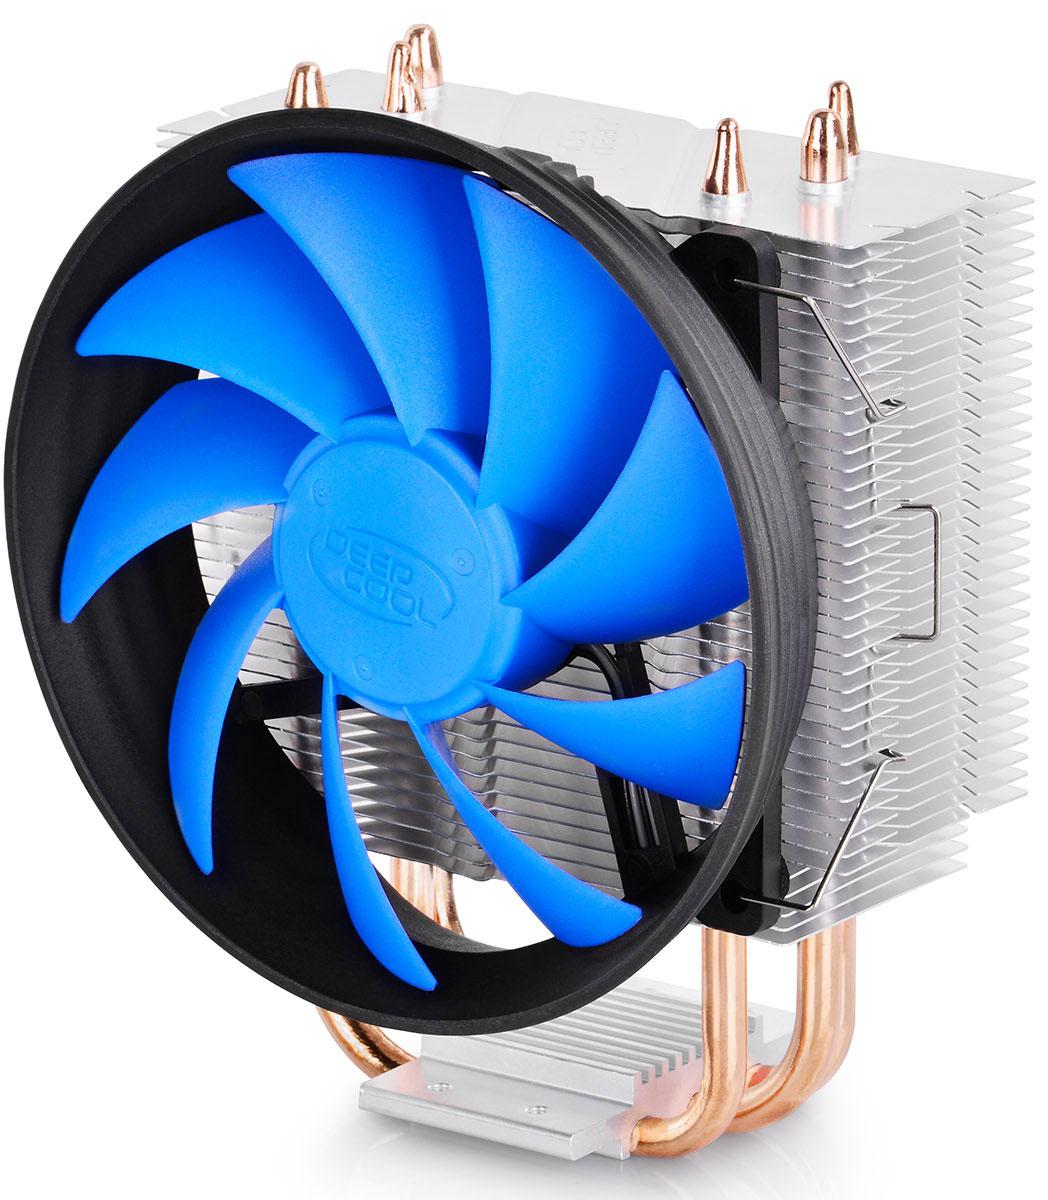 Deepcool GAMMAXX 300 кулер для процессораGAMMAXX 300Система охлаждения Deepcool GAMMAXX 300 с вентилятором в форме турбины является одним из самых рекомендуемых кулеров для всех современных процессоров. GAMMAXX 300 поддерживает технологию Core Touch для максимально быстрого отвода и рассеивания тепла. Благодаря возможности подключения дополнительного вентилятора GAMMAXX 300 станет отличным решением для охлаждения игровых систем. Три тепловых трубки из спекаемого порошка контактируют непосредственно с поверхностью процессора для быстрого отвода тепла и предотвращения перегрева Вентилятор с габаритами 120 х 120 х 25 мм и поддержкой ШИМ-управления обеспечивает оптимальную вентиляцию Система оснащена несколькими крепежами для поддержки платформ Intel LGA1366/1156/1155/1151/1150/775 и AMD AM4/FM2/FM1/AM3+/AM3/AM2+/AM2/K8